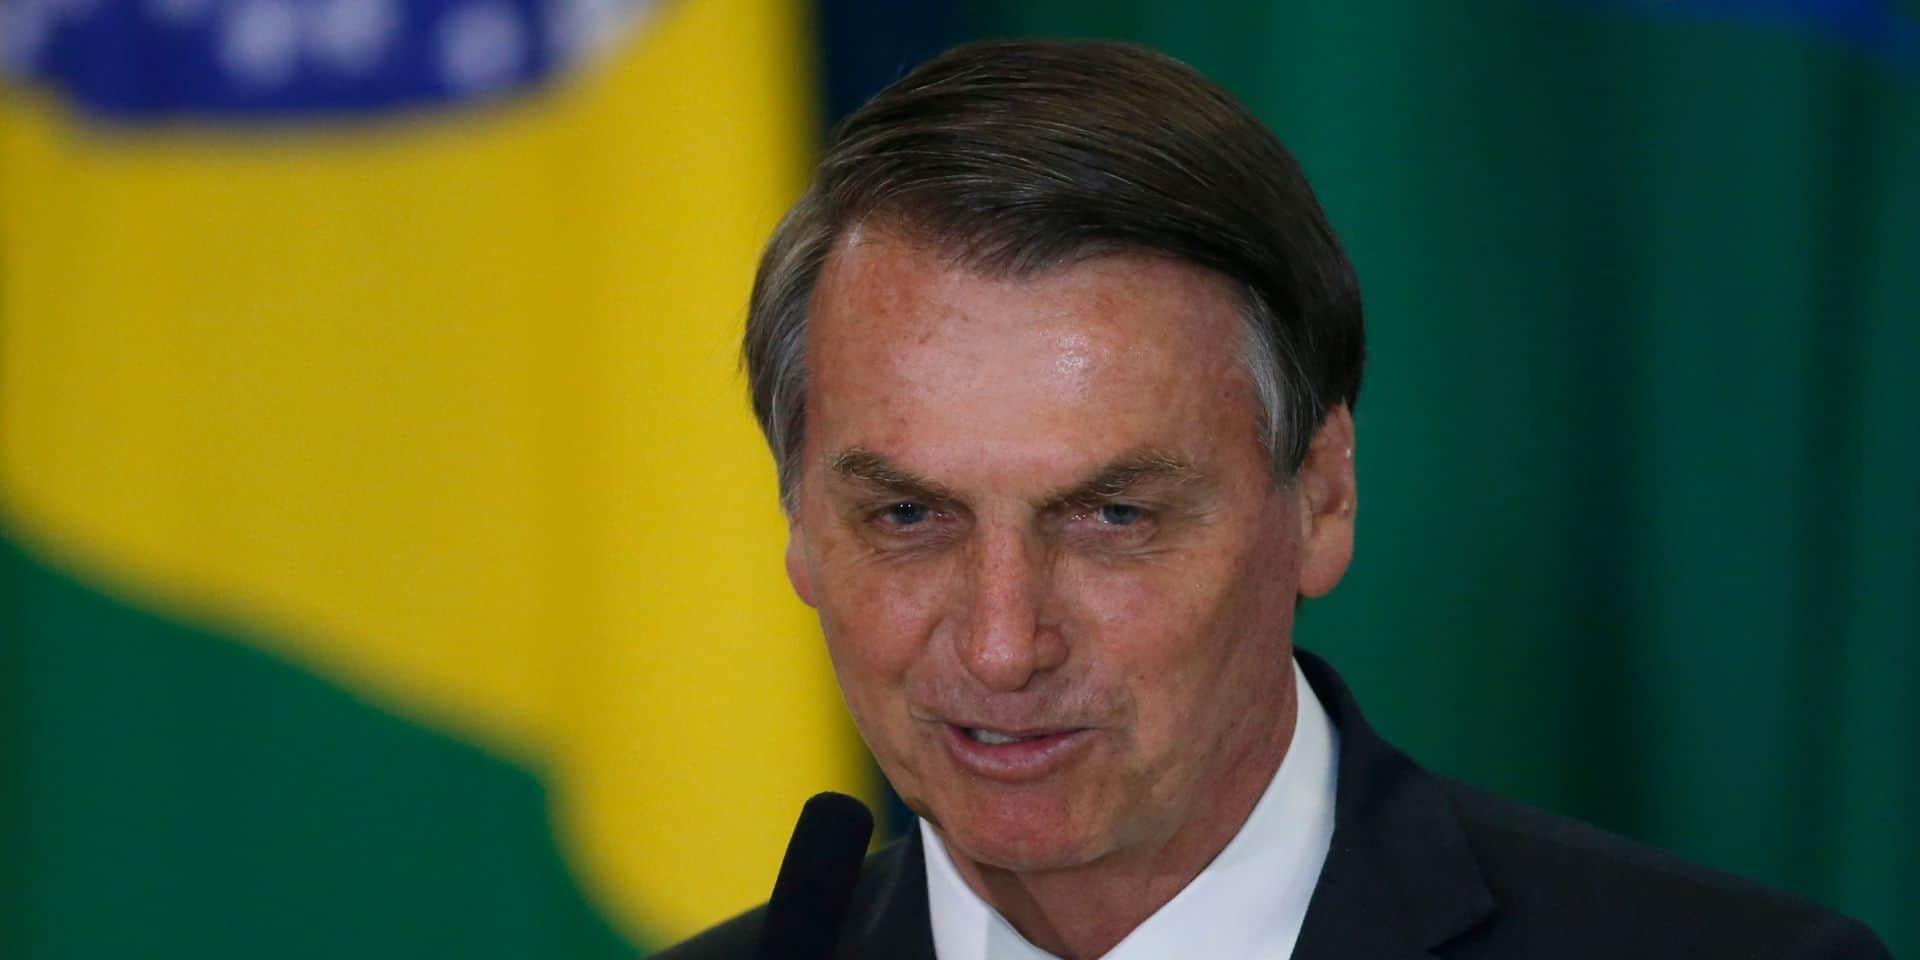 Bolsonaro veut autoriser l'activité minière chez les indigènes